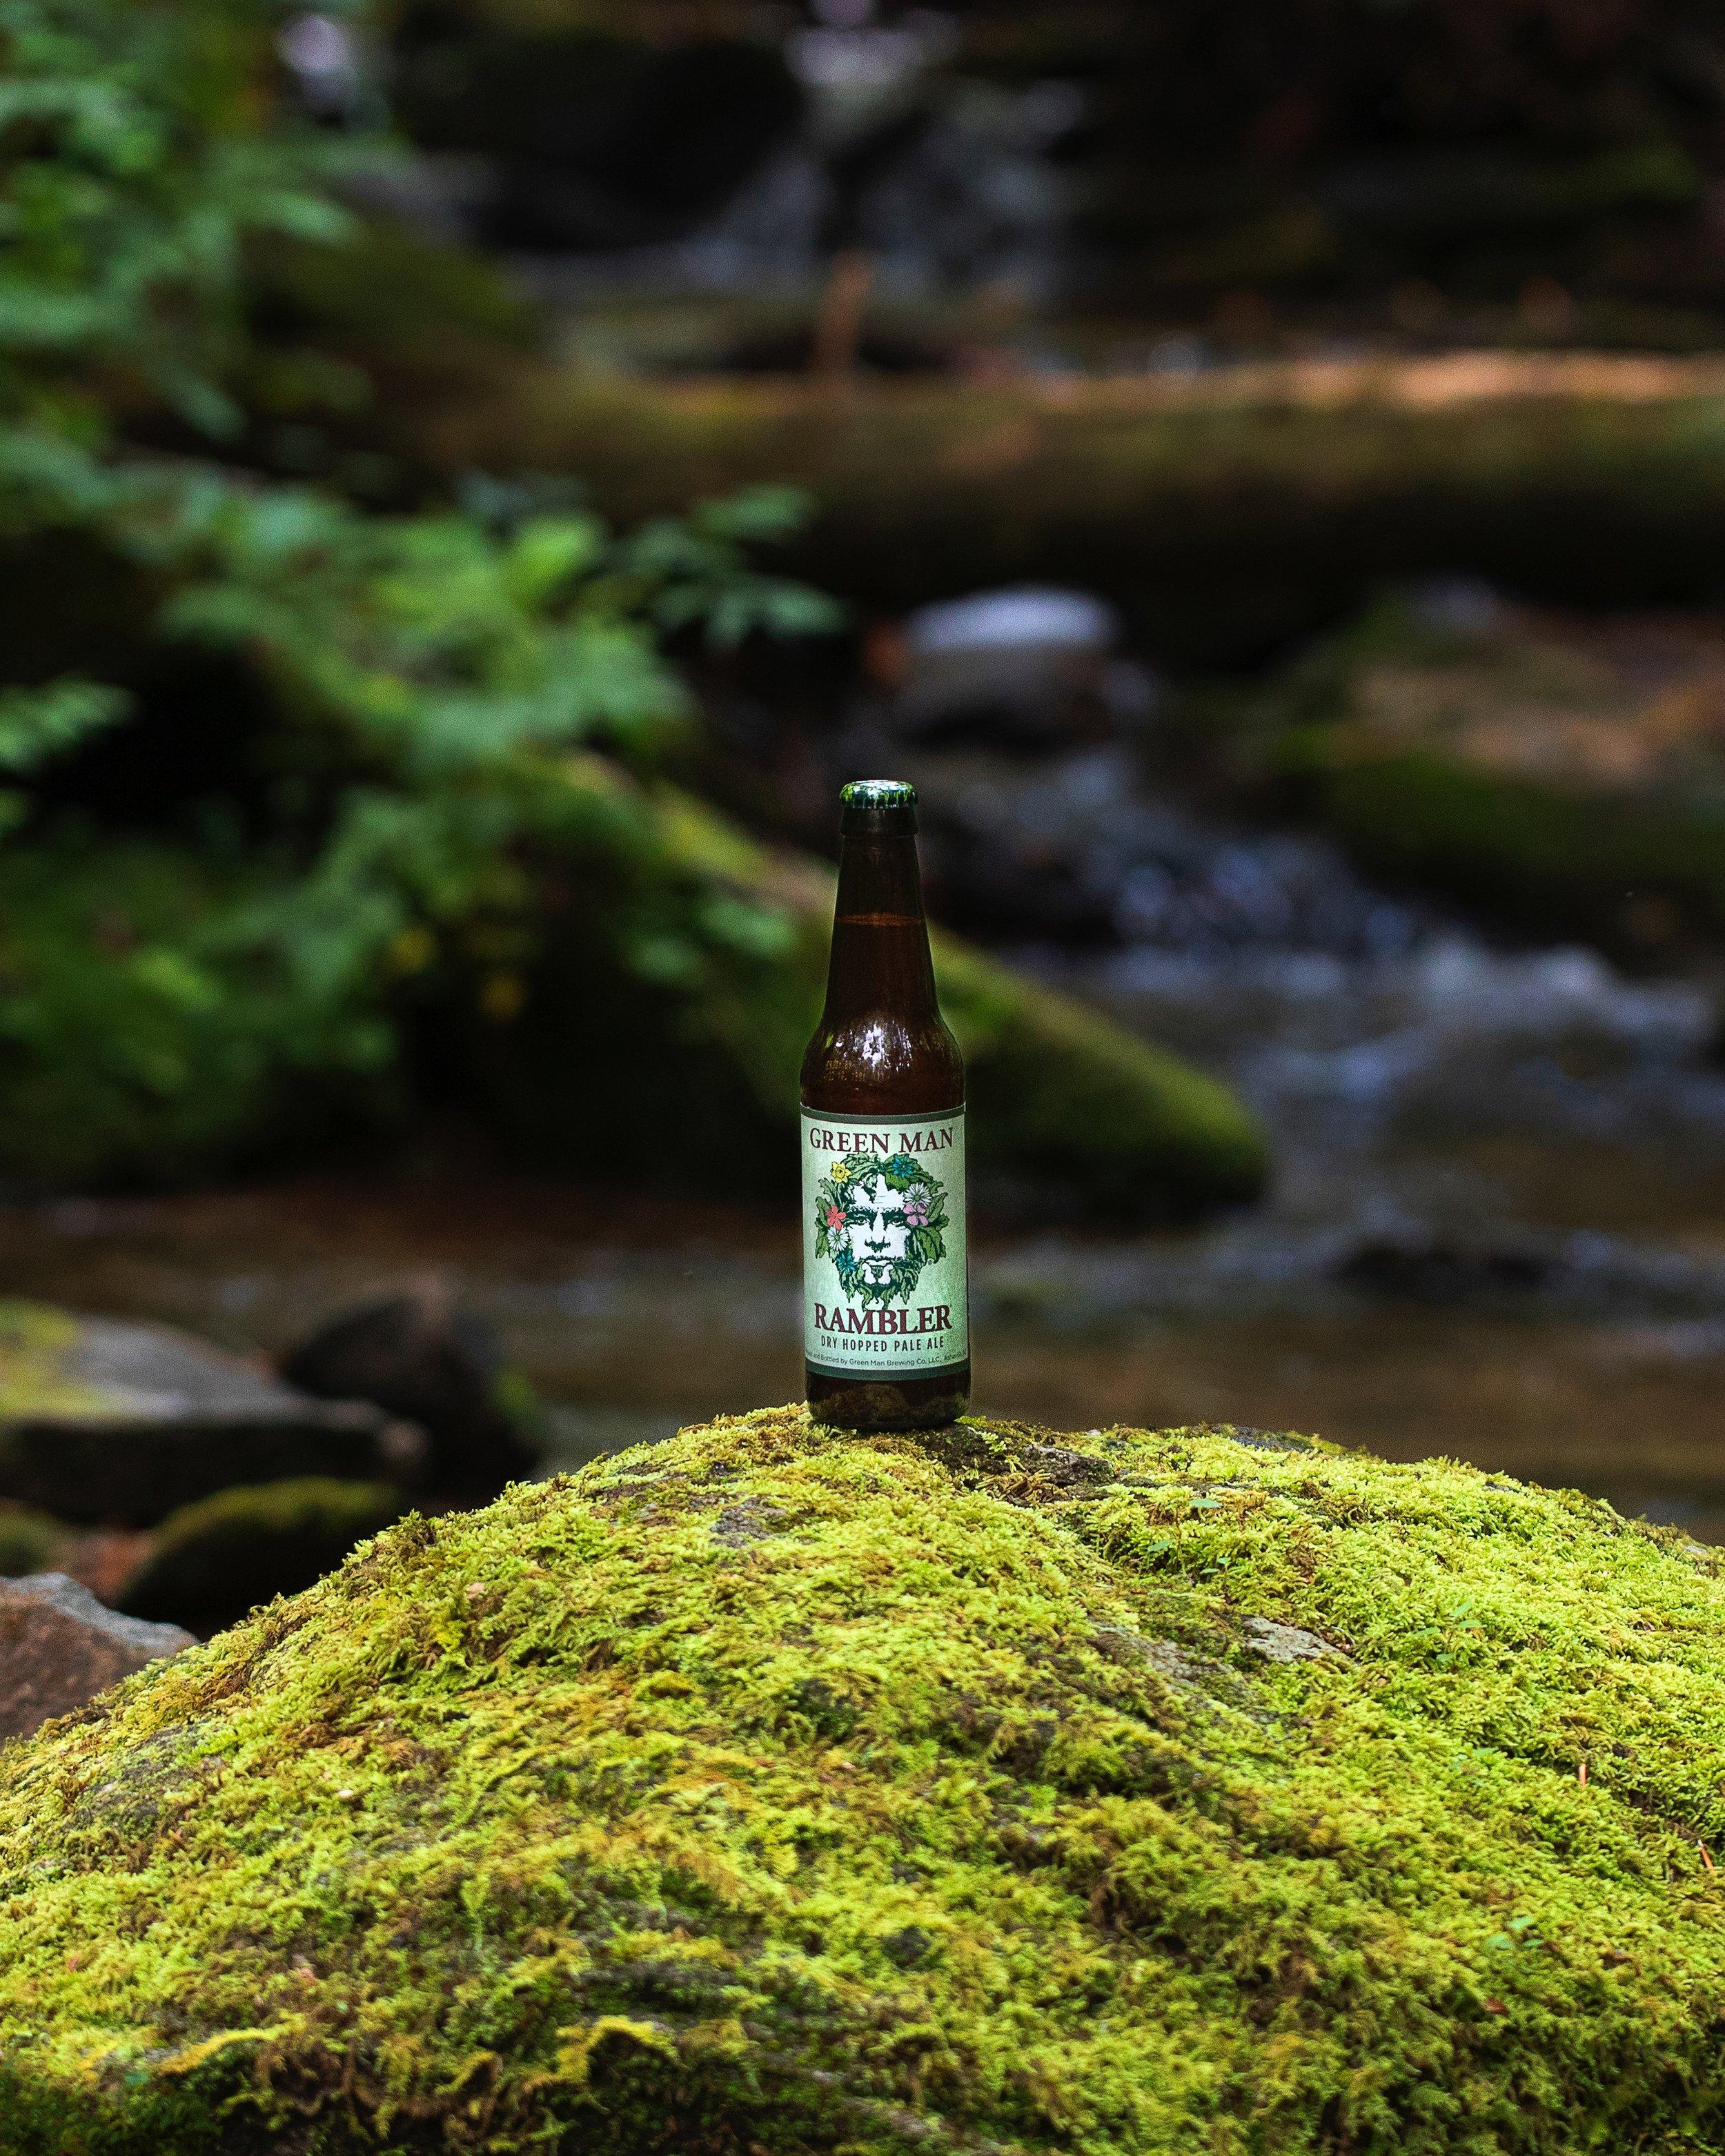 Rambler by Green Man Brewing - Jimmy Larkin